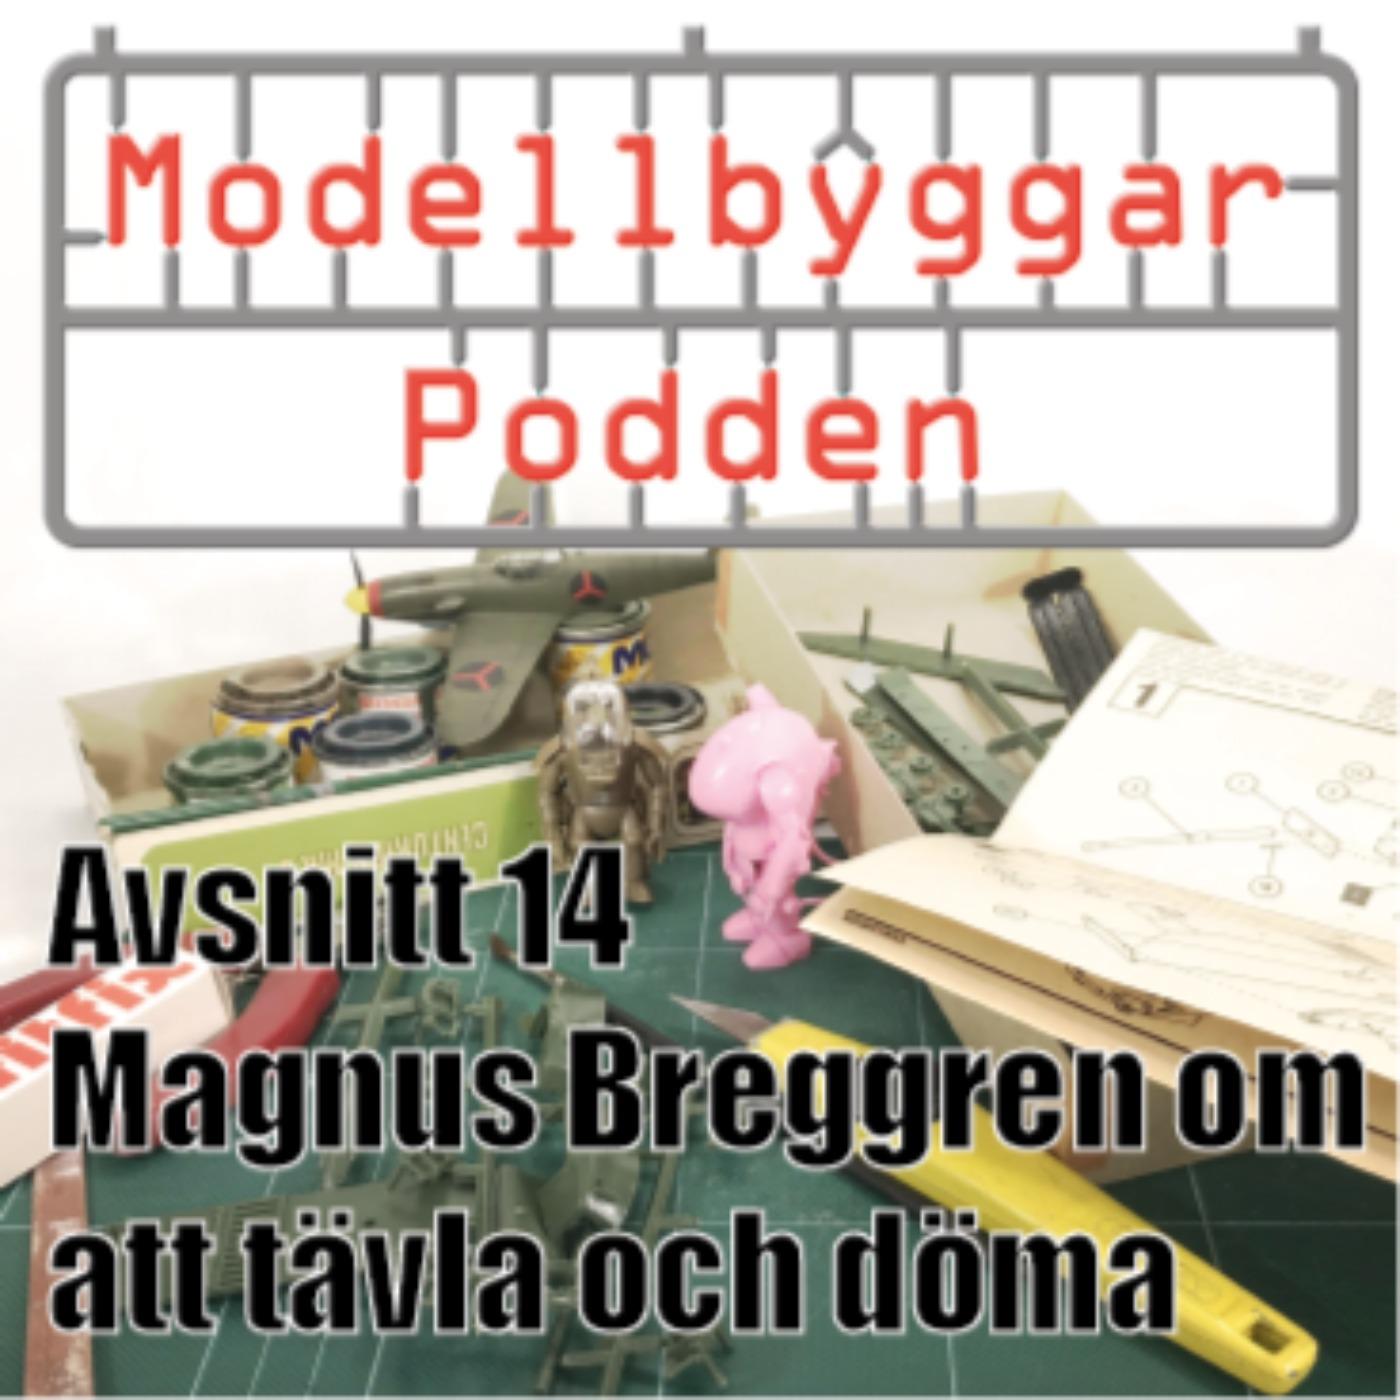 14. Magnus Berggren om att tävla och döma